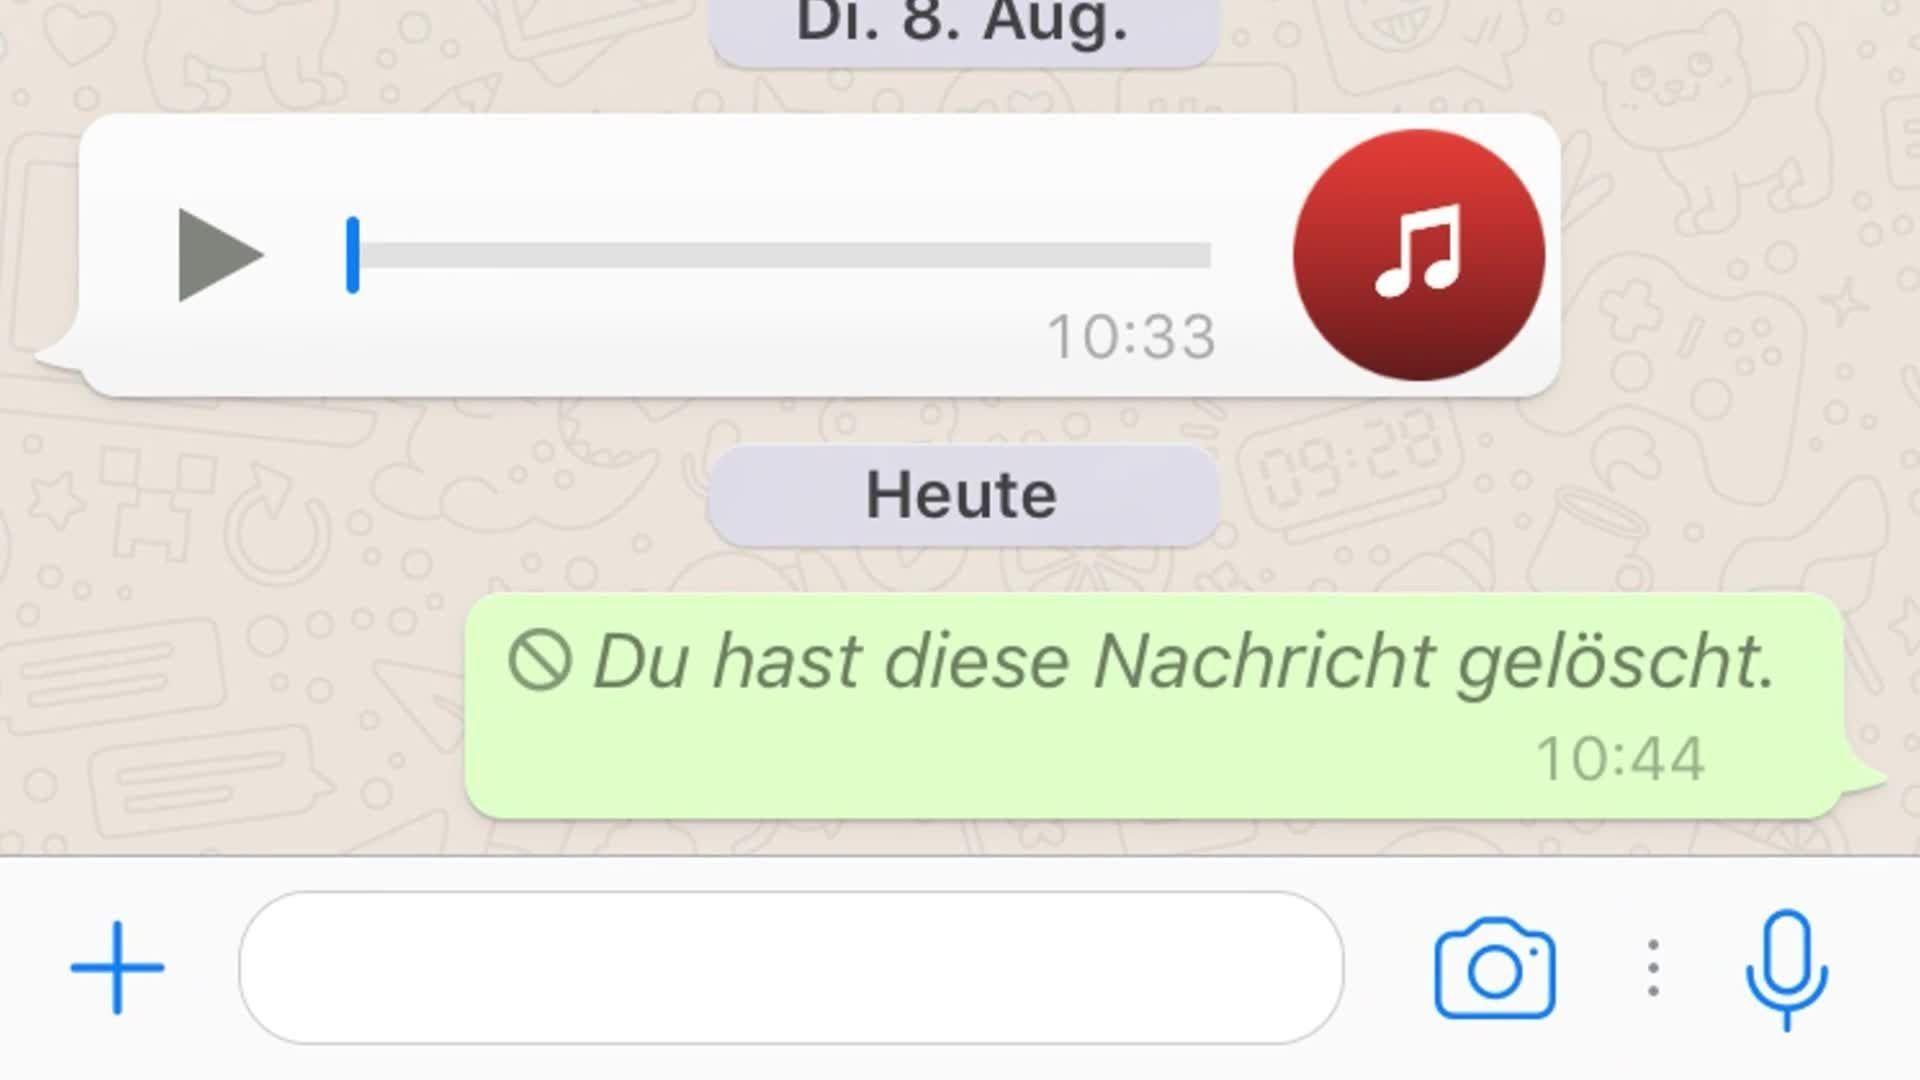 Whatsapp Nachrichten Als Nicht Gelesen Anzeigen